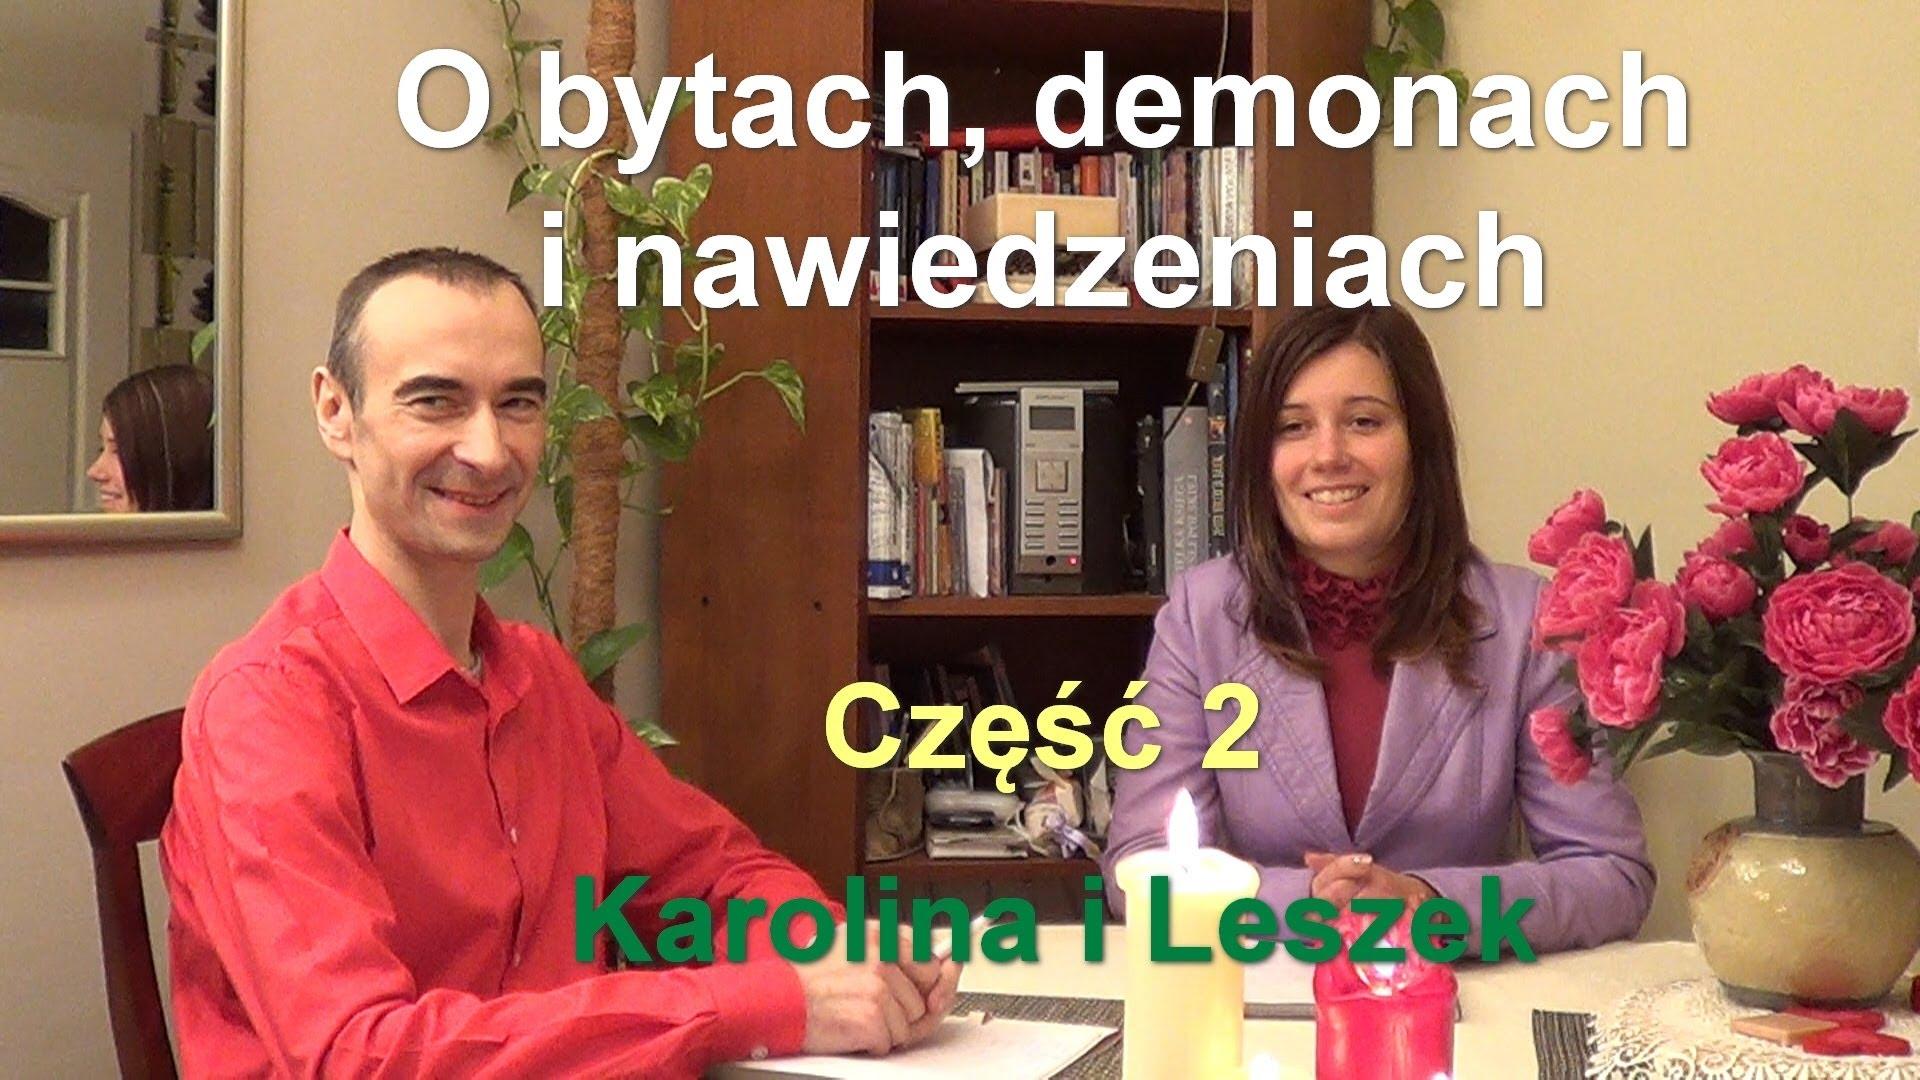 O bytach, demonach i nawiedzeniach, część 2 – Karolina i Leszek